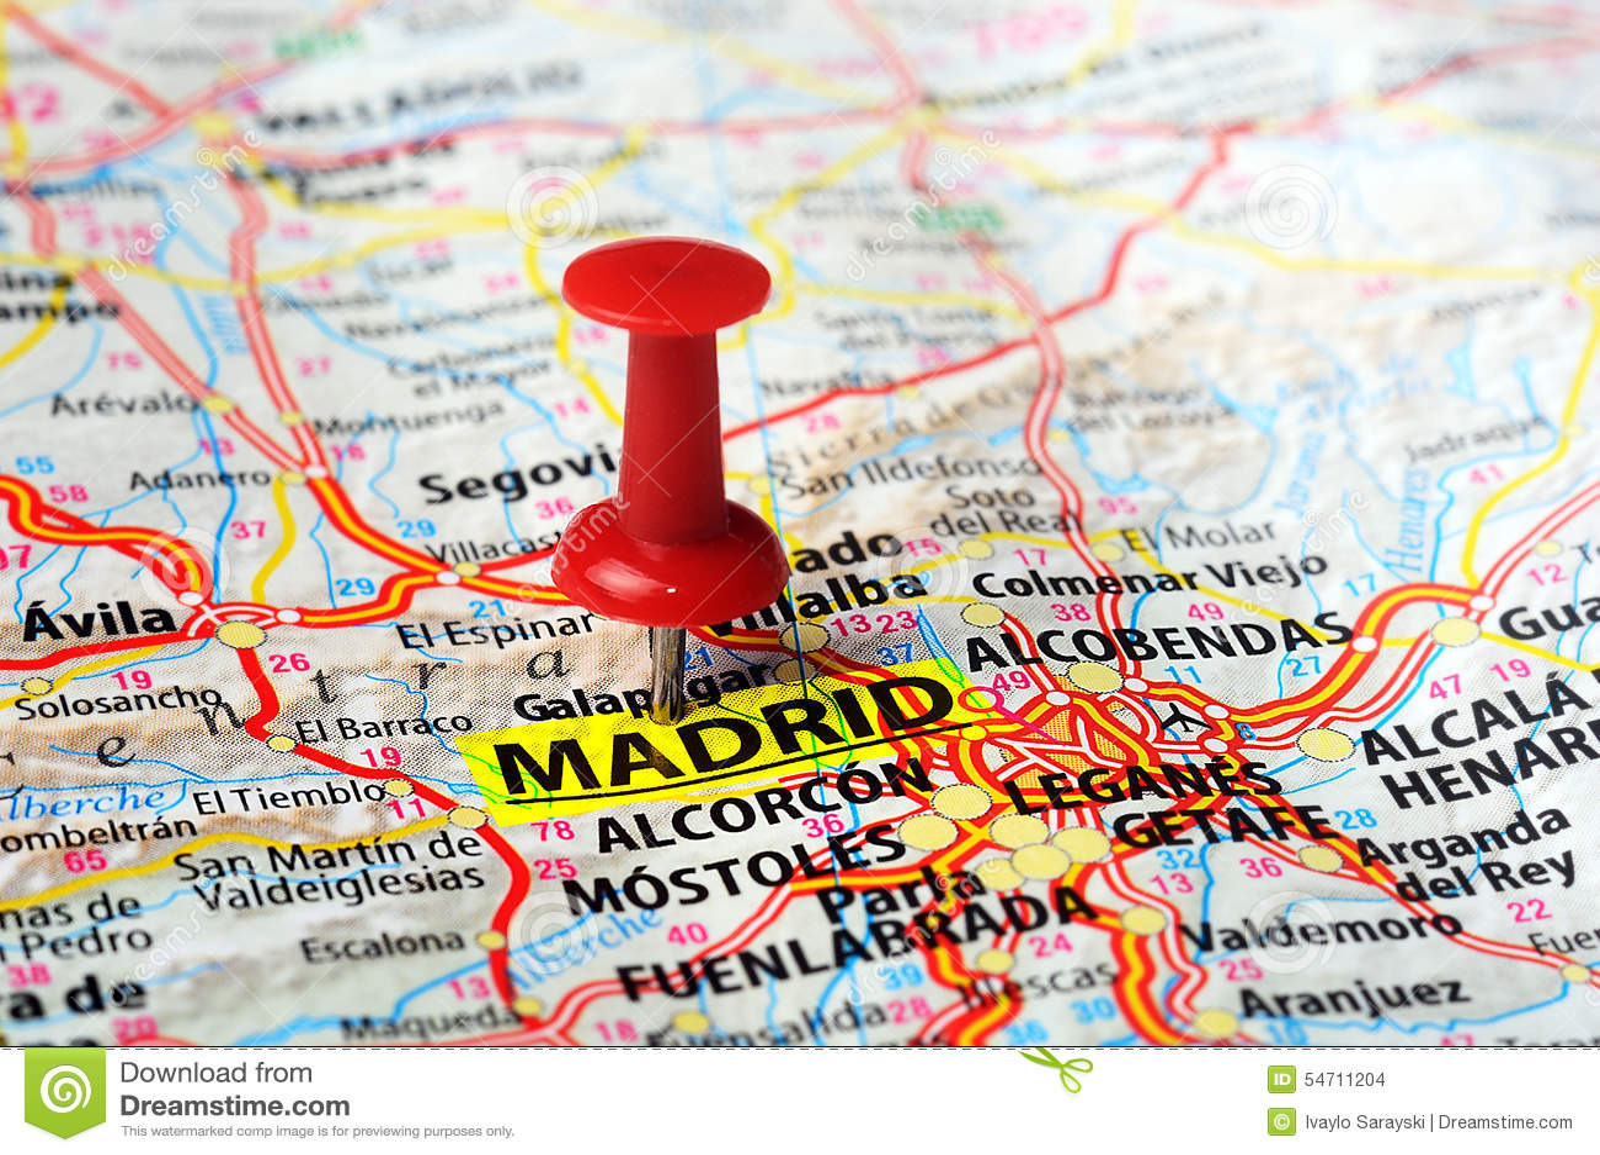 mapa de espanha madrid Madri, mapa da Espanha foto de stock. Imagem de madrid   54711204 mapa de espanha madrid